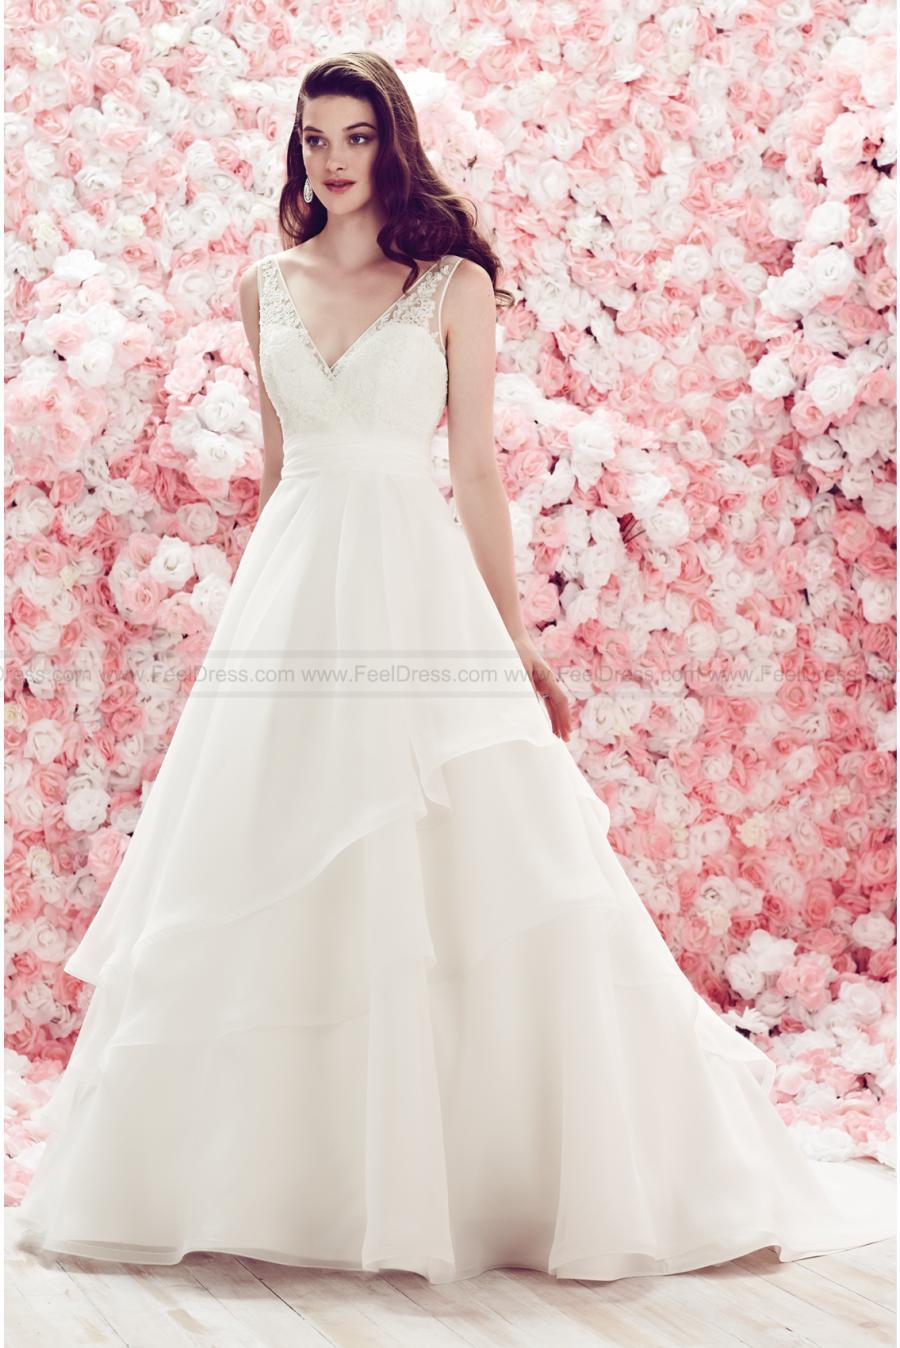 Hochzeit - Mikaella Bridal Style 1854